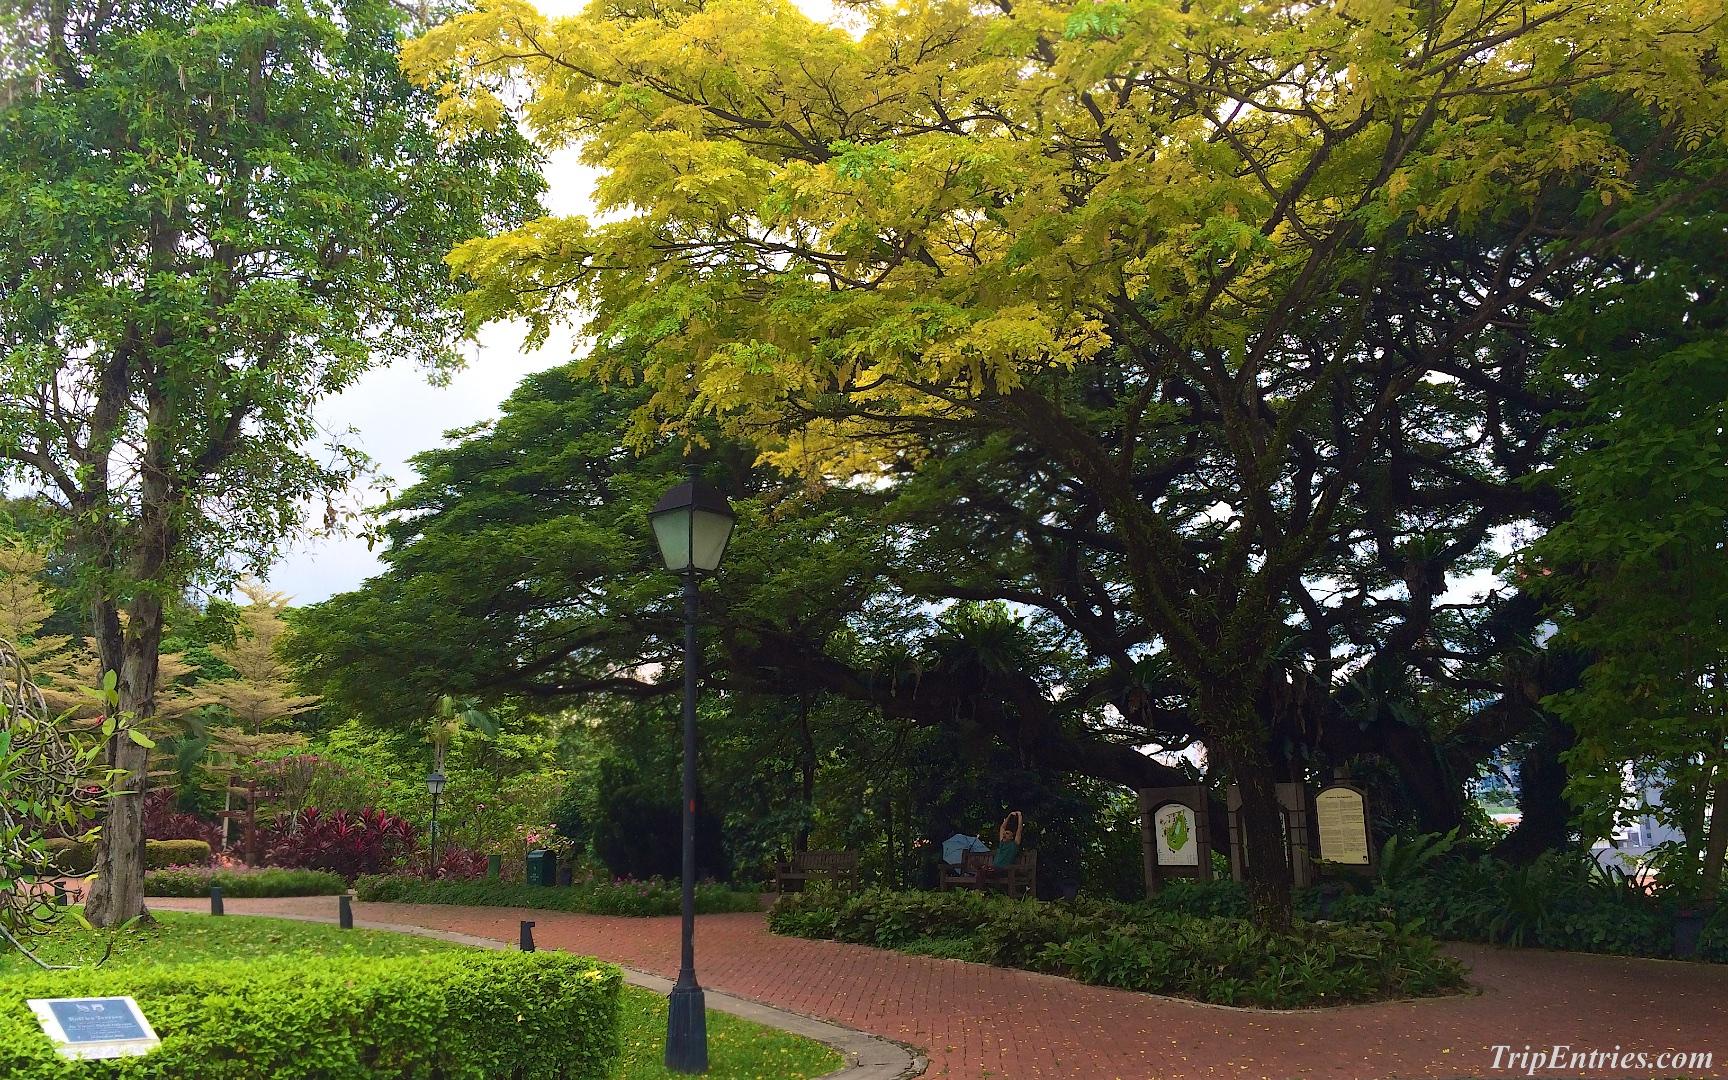 Первая поездка в Сингапур: прогулки под дождем, парк Fort Canning и возврат налогов